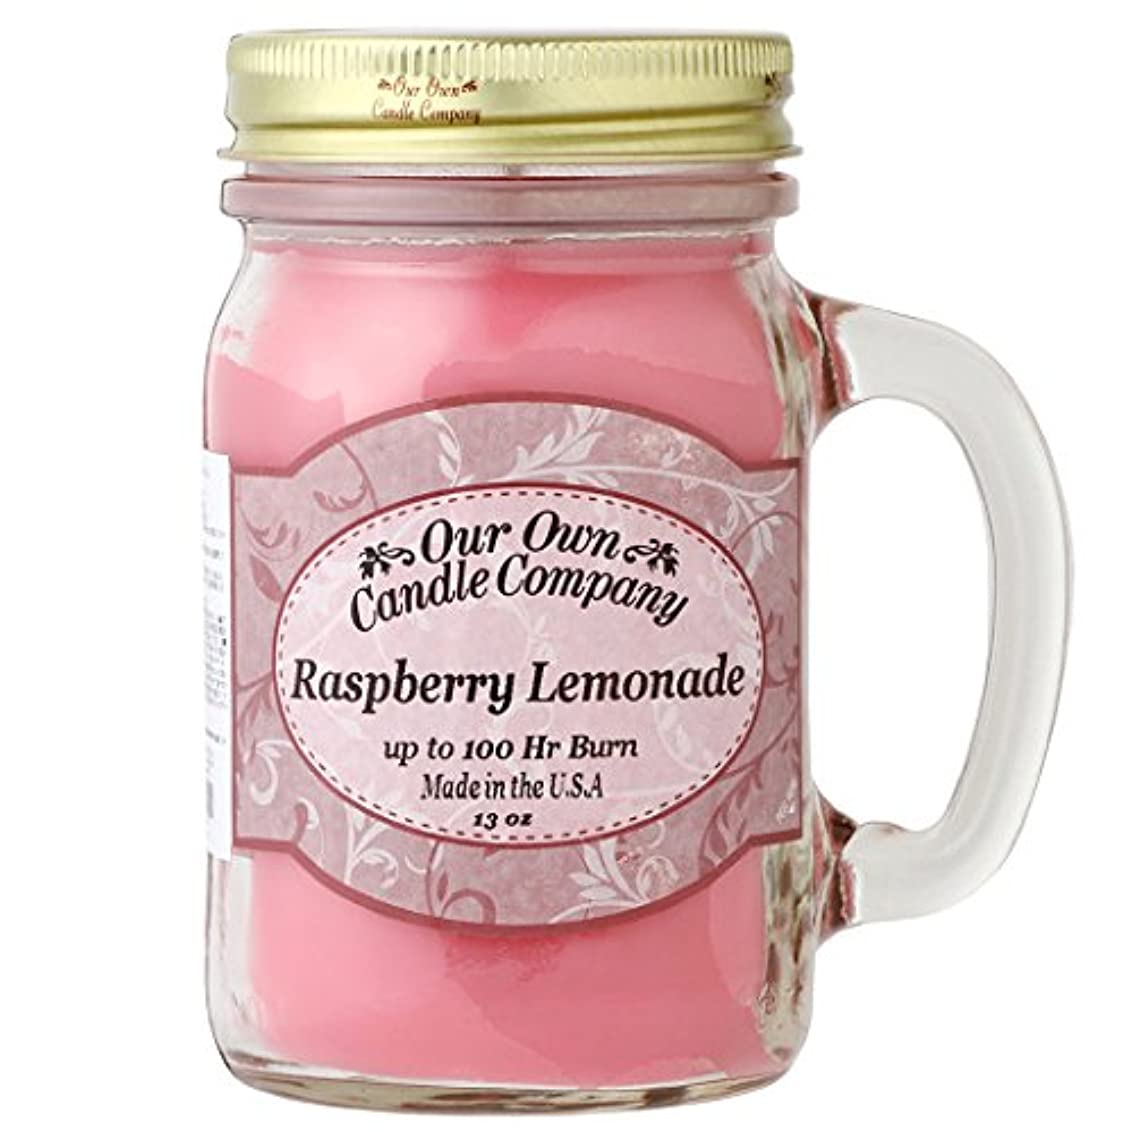 どきどき氷半円Our Own Candle Company メイソンジャーキャンドル ラージサイズ ラズベリーレモネード OU100096